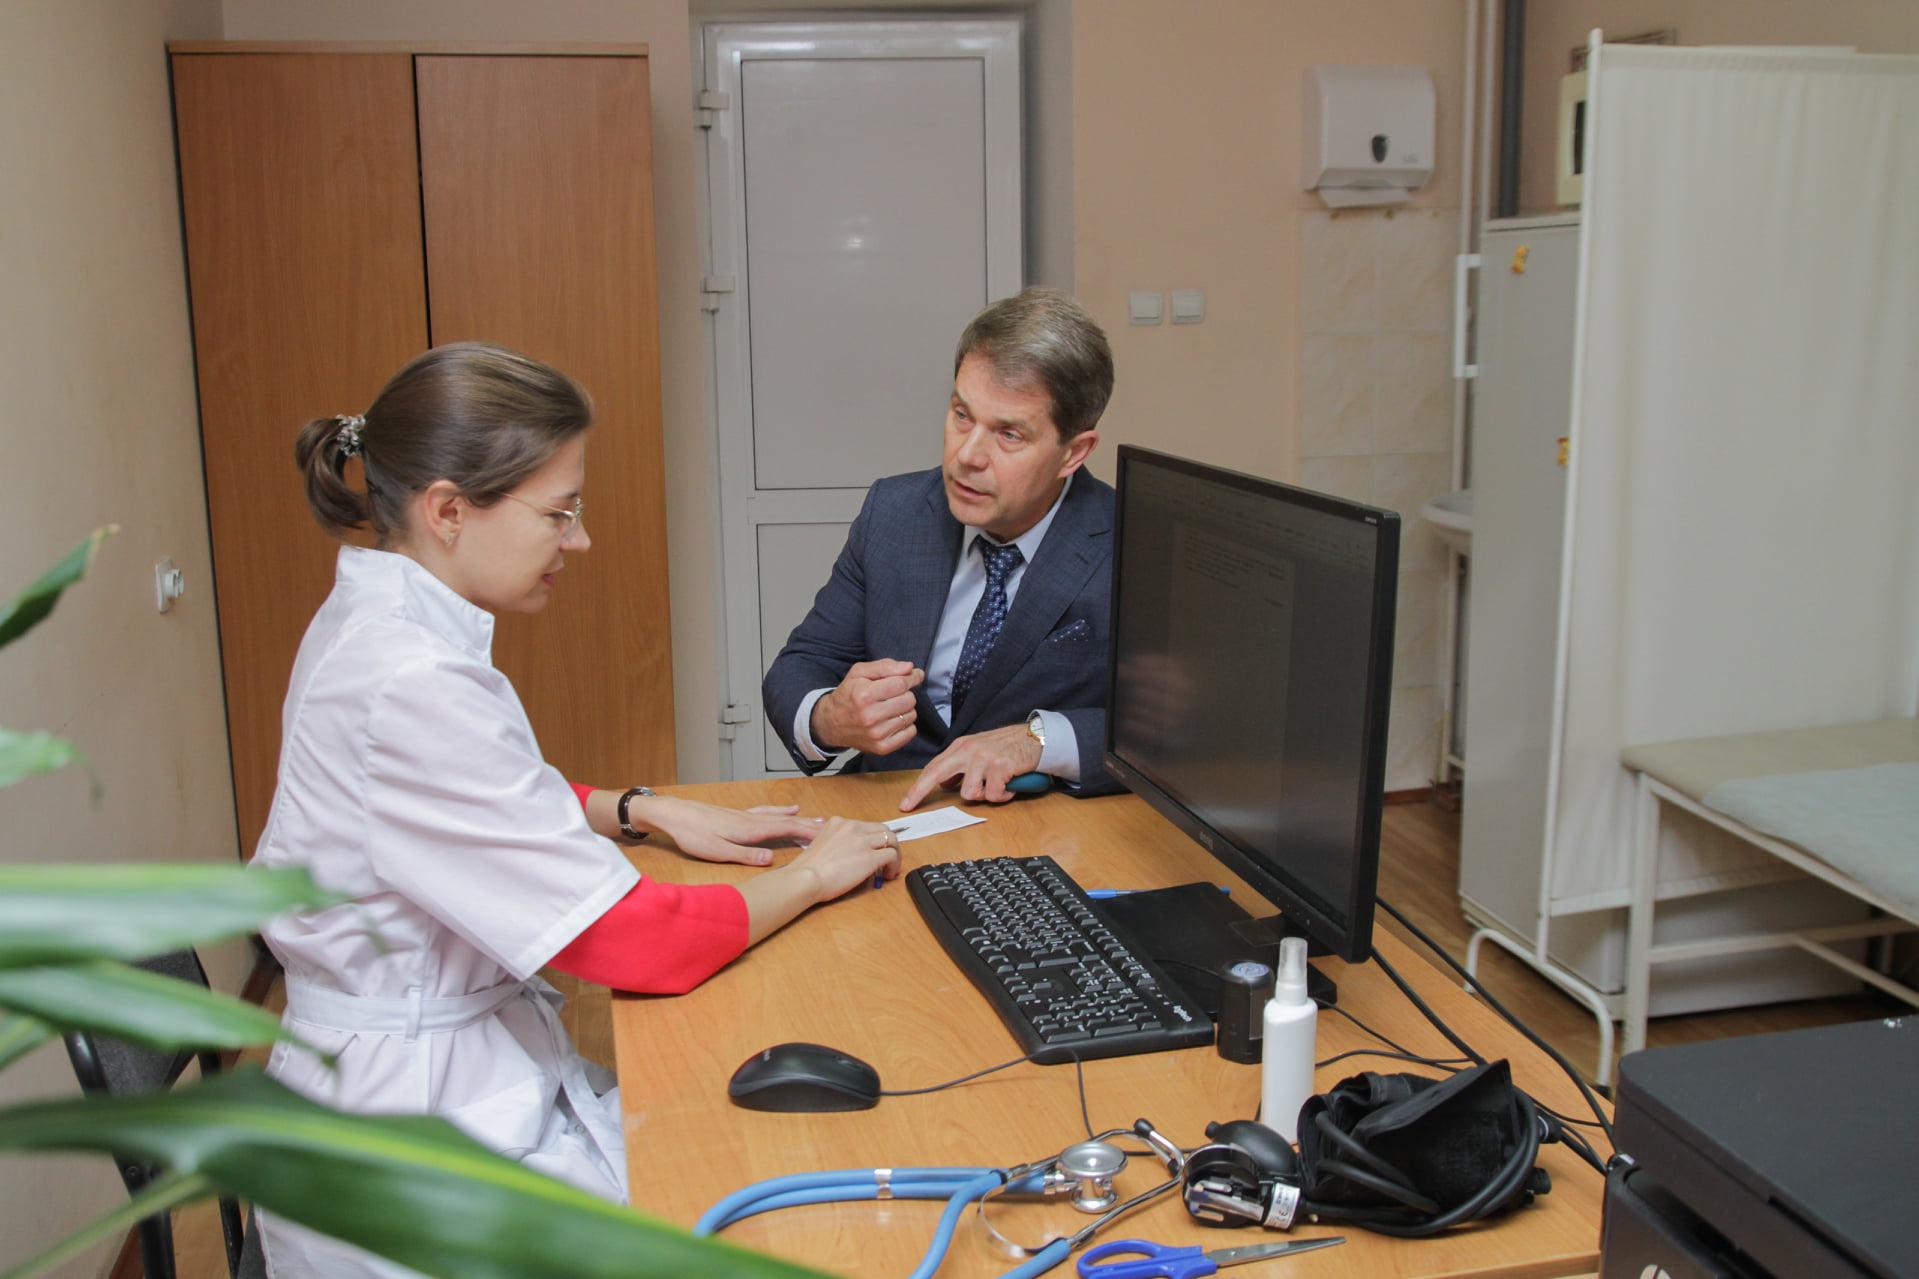 Крупномасштабная вакцинальная кампания против гриппа населения Иркутской области стартовала с 29 августа 2019 года.  Грипп остается одним из самых тяжелых вирусных заболеваний, которое передается воздушно-капельным путем, и может одновременно поражат…